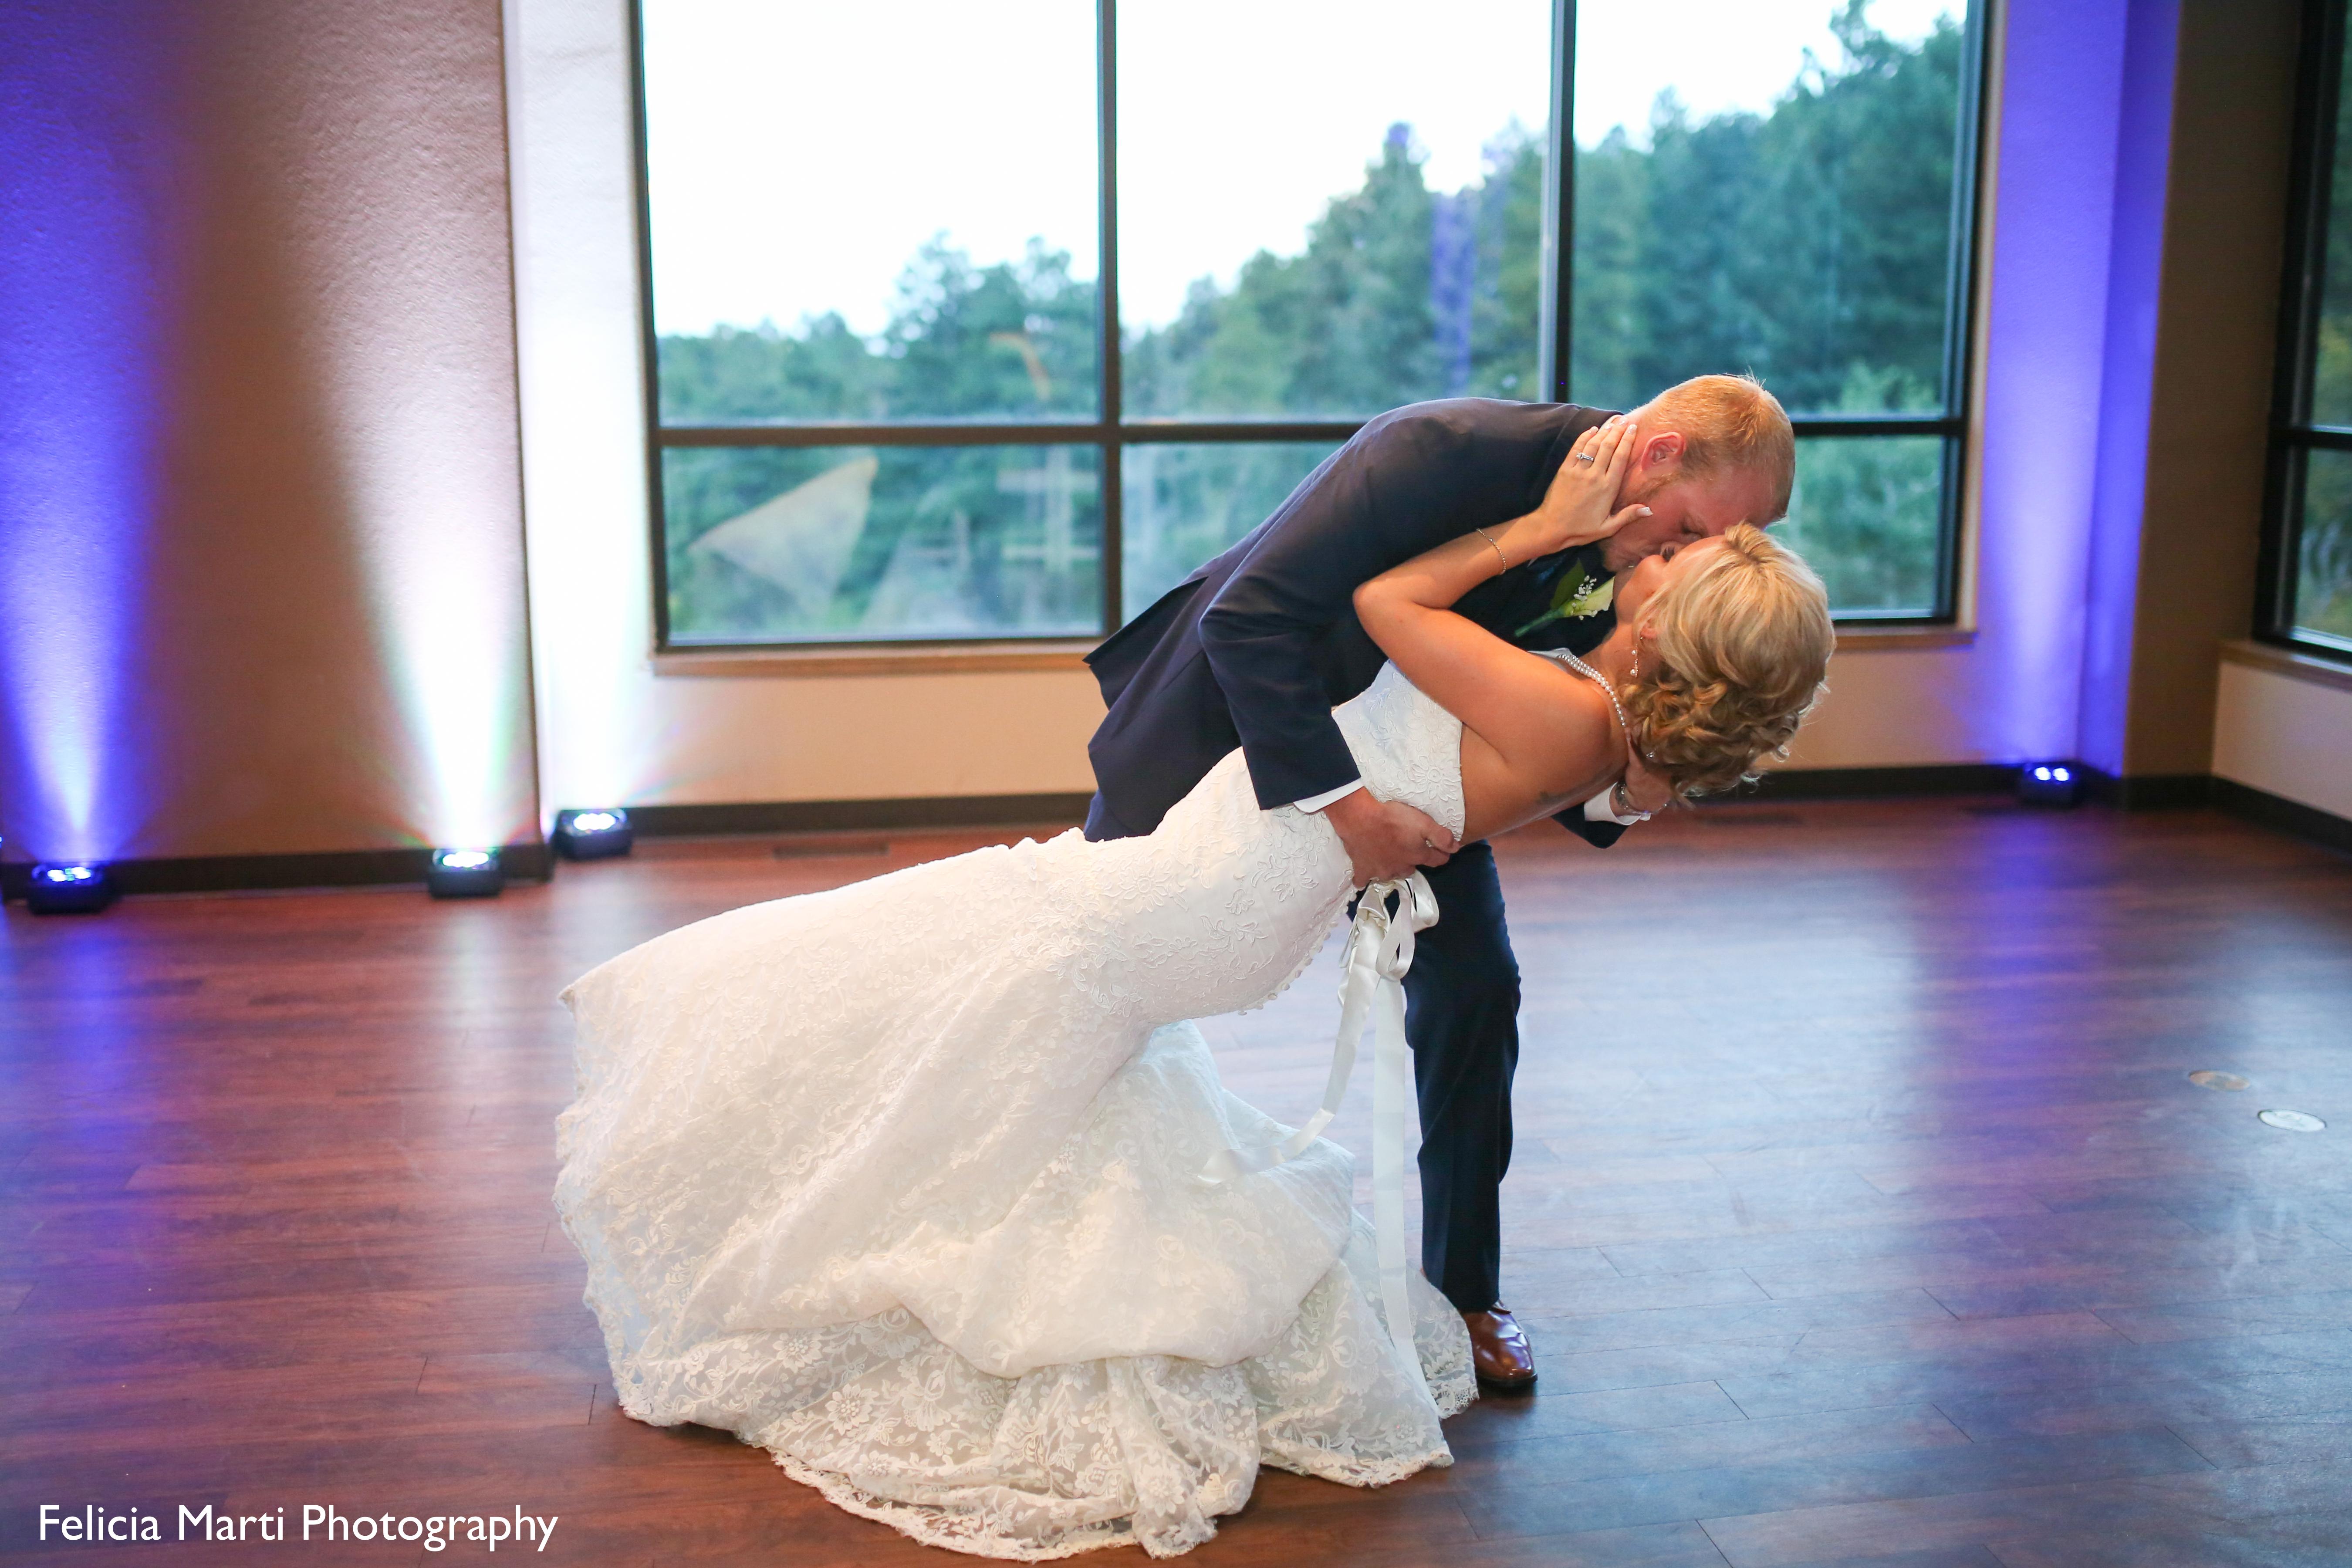 Felicia Marti Photography Wedding Recept